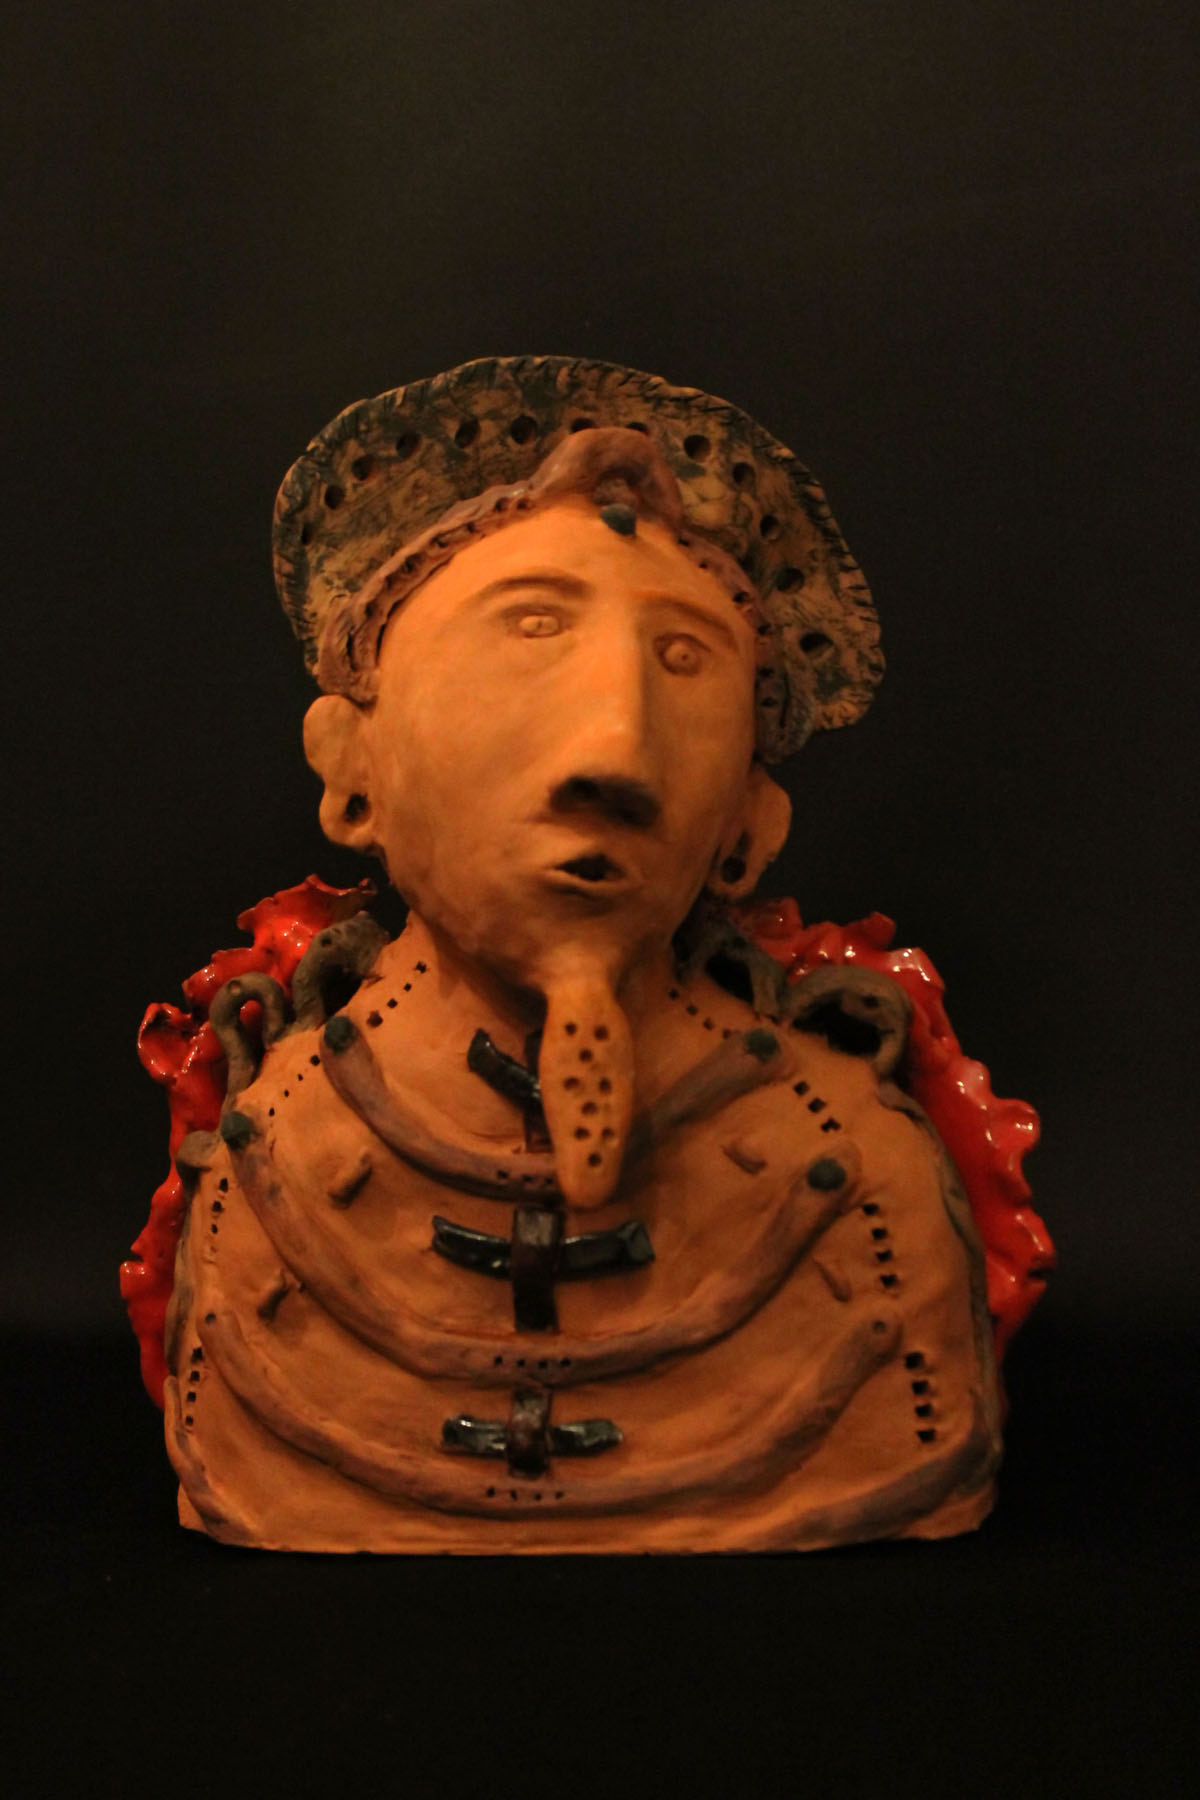 Autoportrait imaginaire - Oct 2010